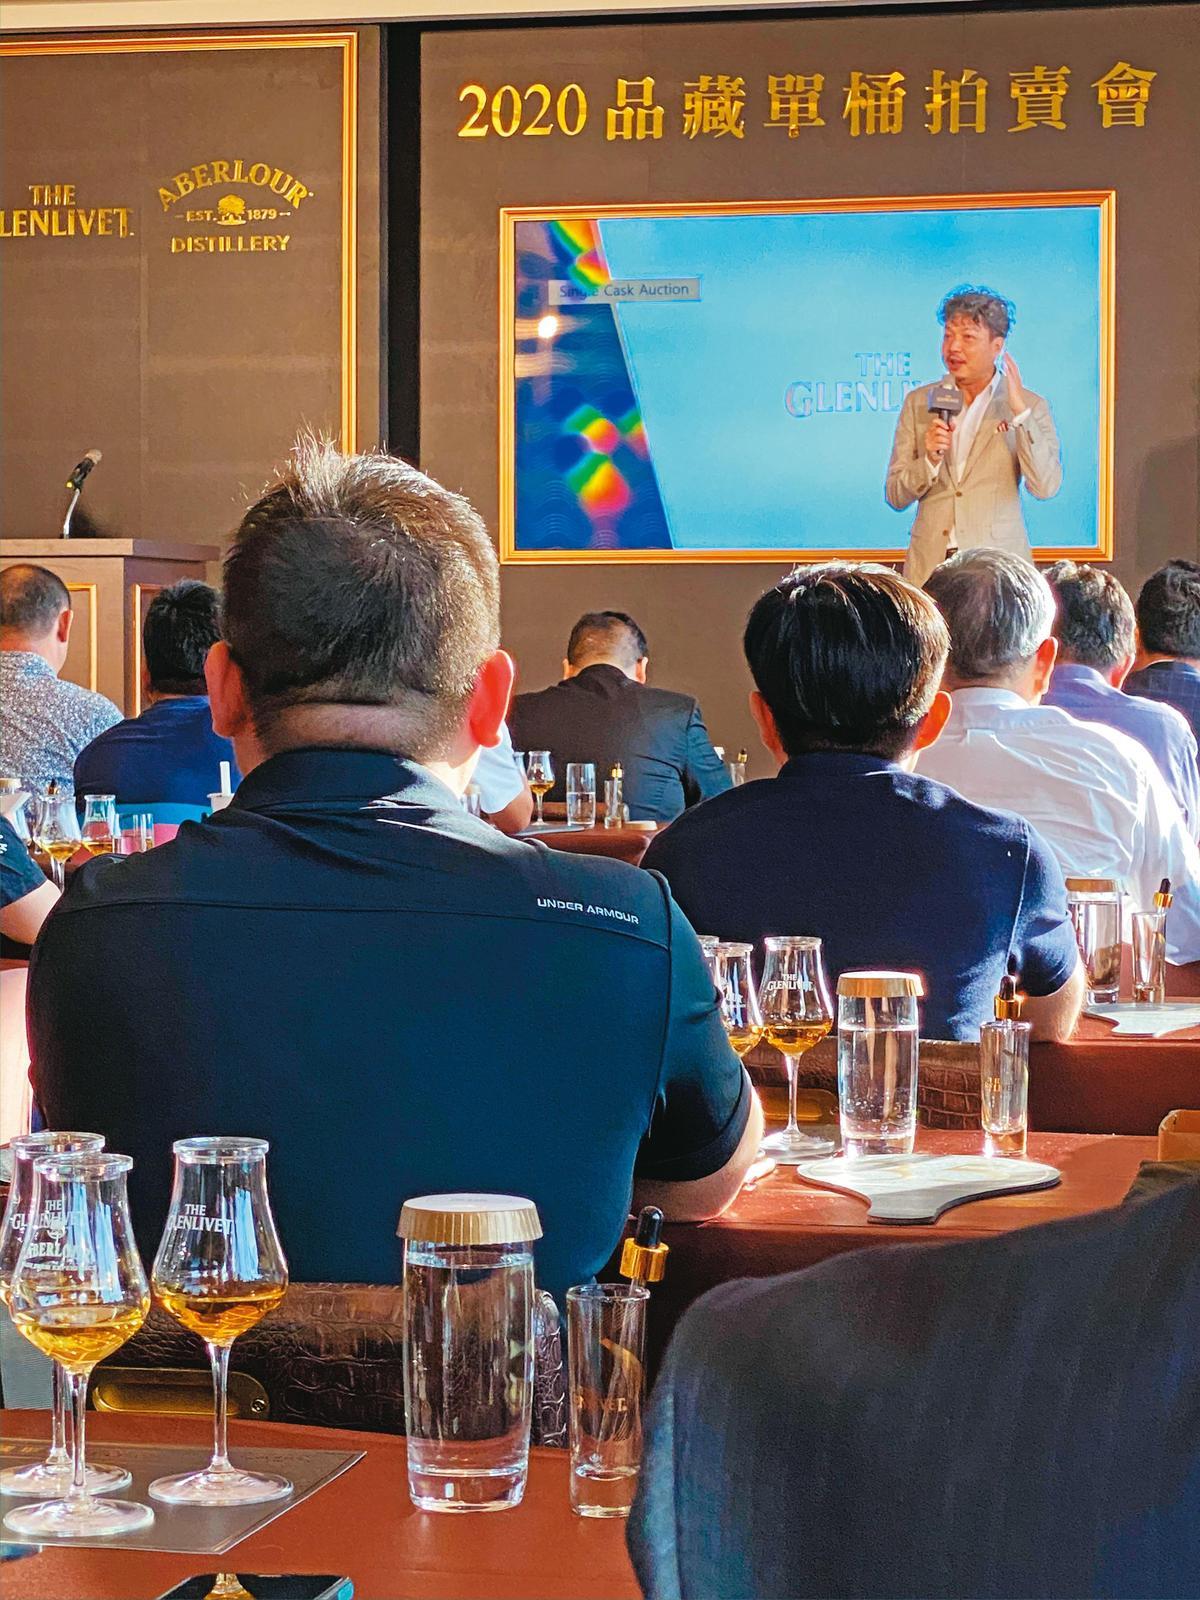 拍桶會還請到執杯大師林一峰老師帶領大家品飲,他深入淺出的介紹,更加彰顯每個酒款的差異特色,提供買家更多資訊。